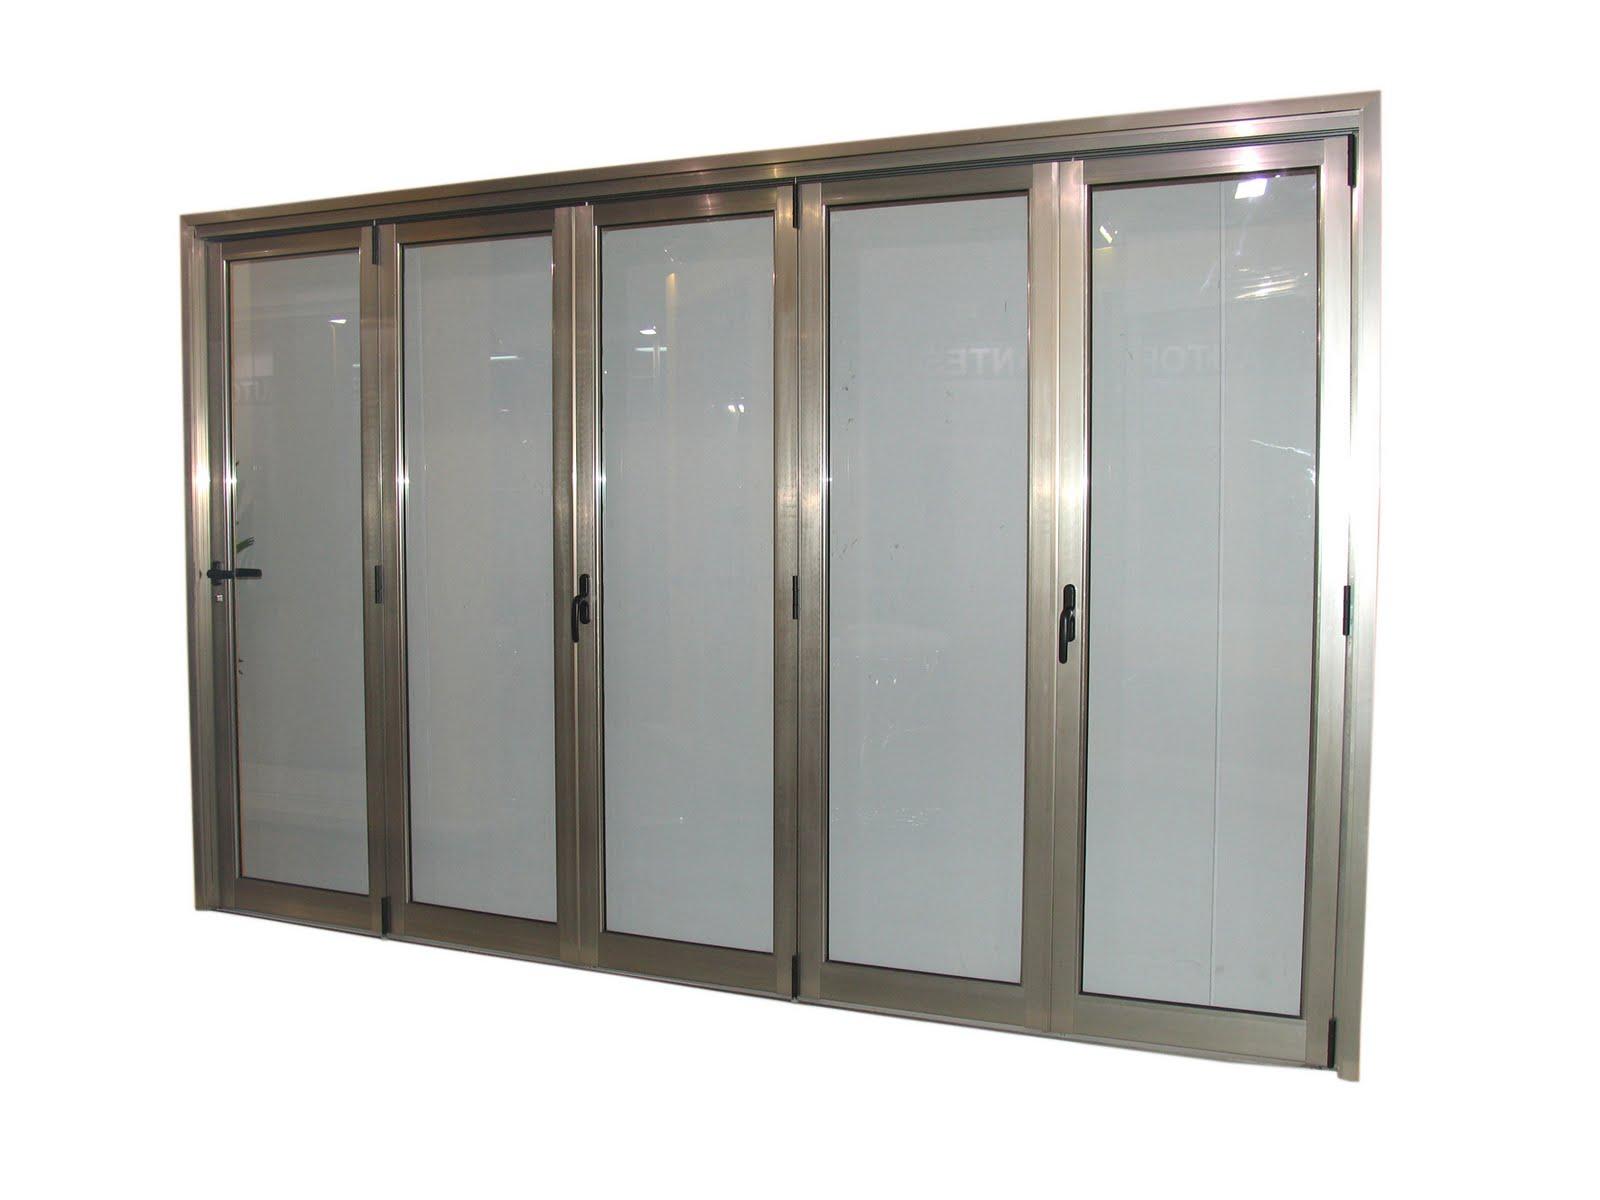 janelas de aluminio pre o e fotos On aluminio modelos